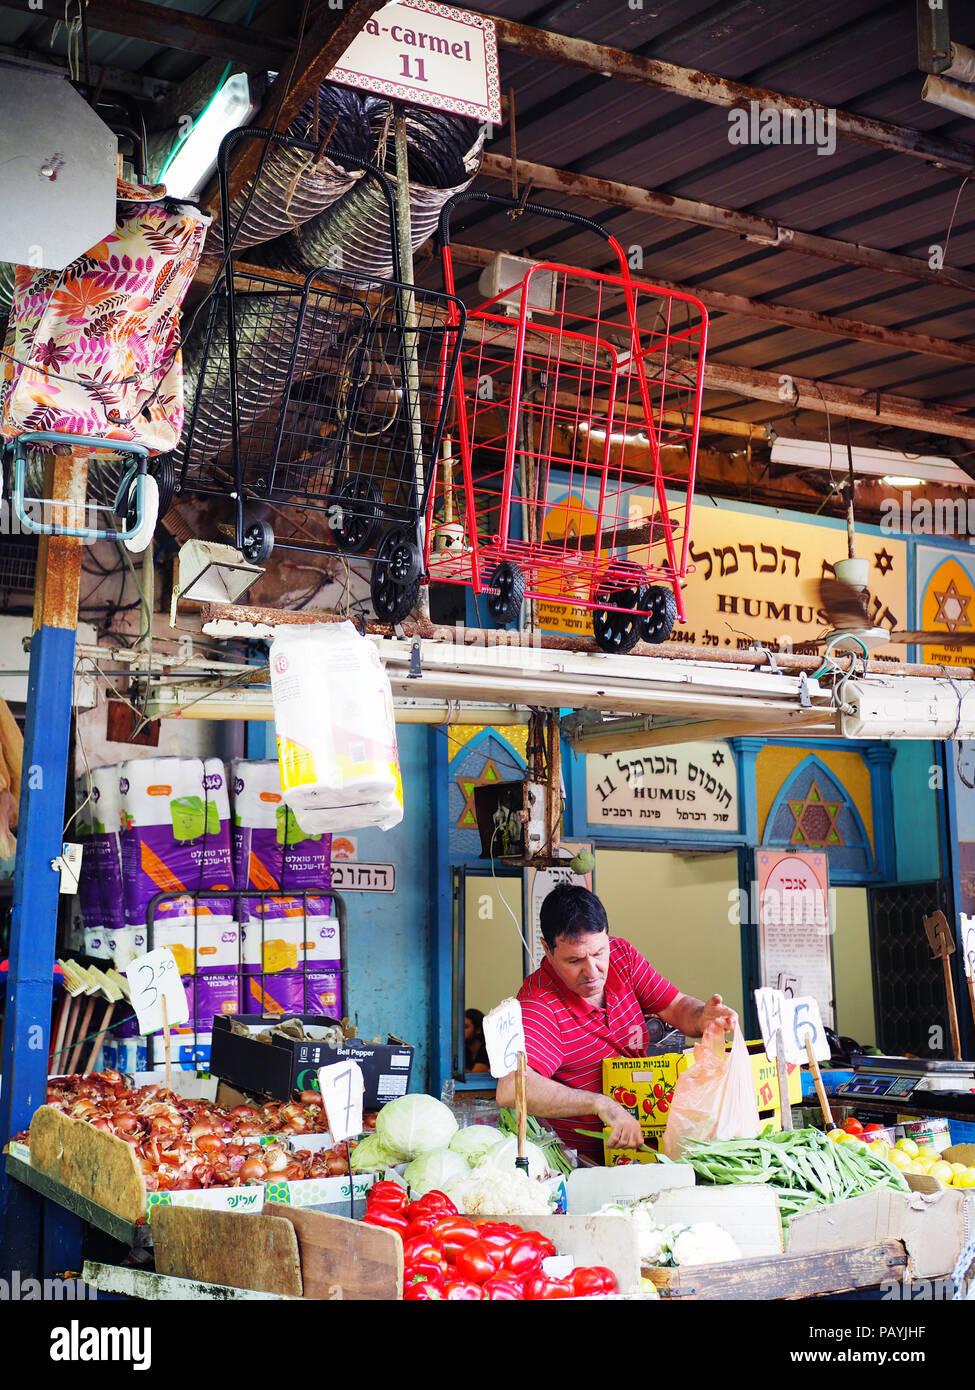 Mercado Carmel, Tel Aviv, Israel Imagen De Stock